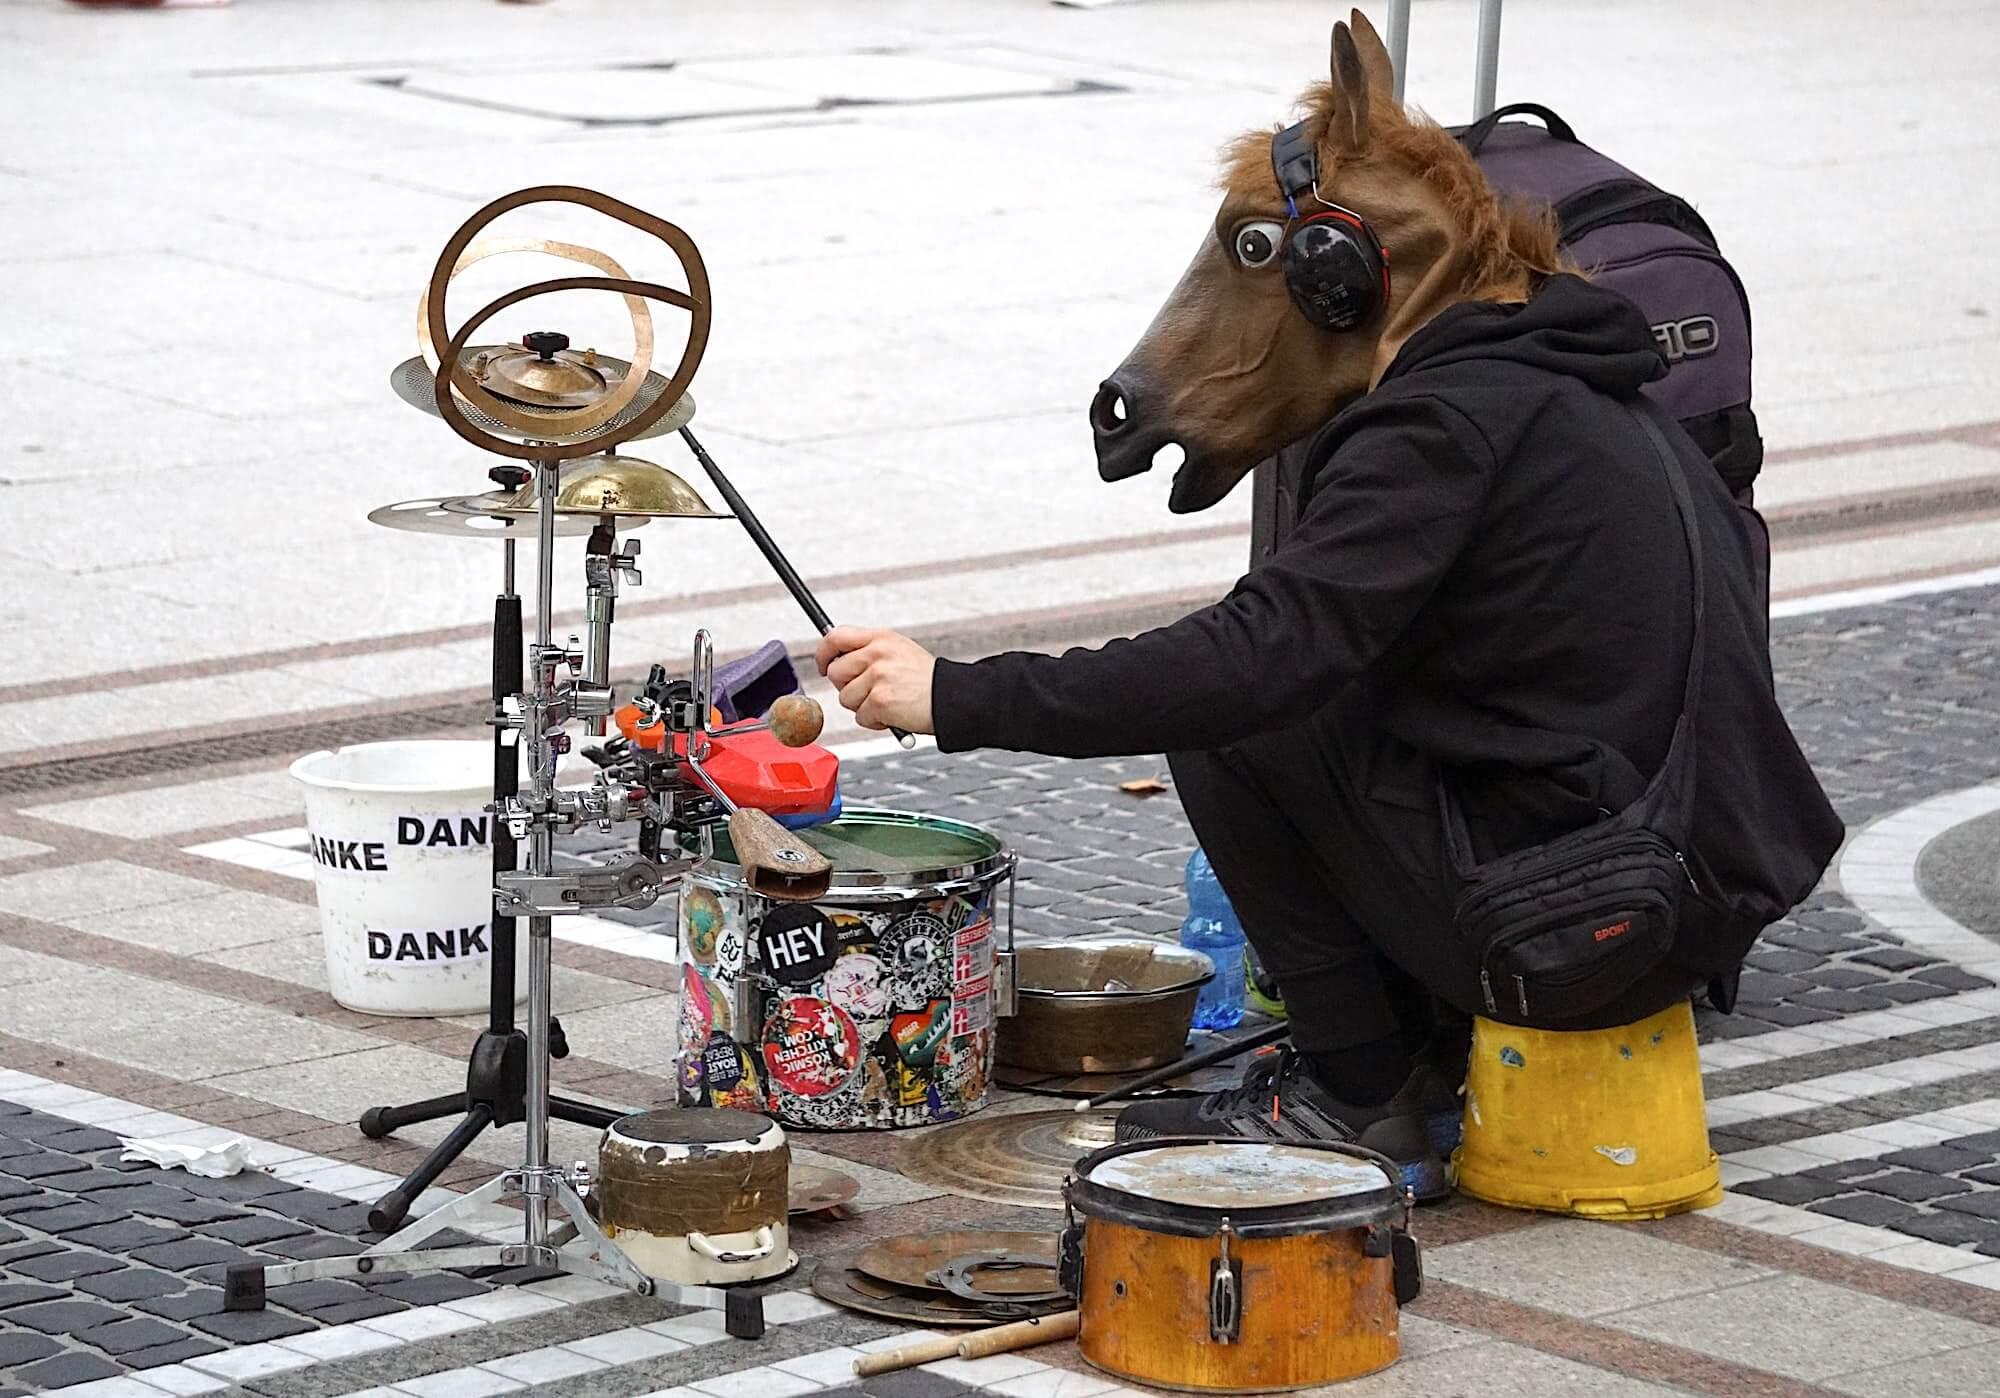 Фотография: Georg Arthur Pflueger. Источник: Unsplash.com